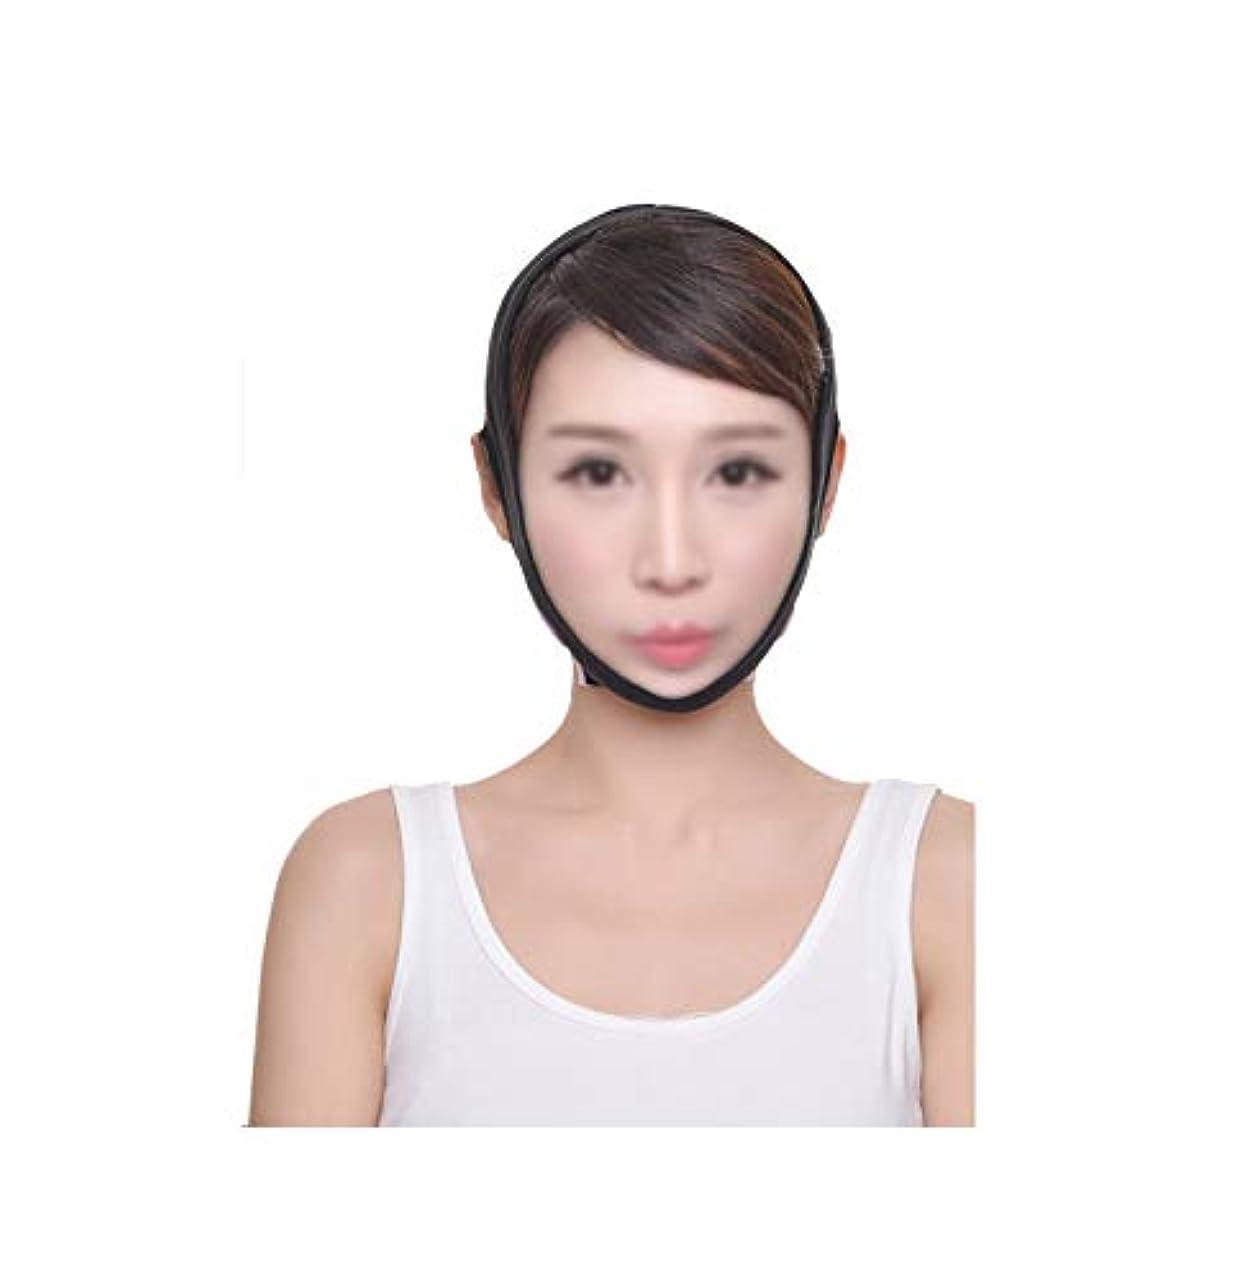 トンネル一族機構XHLMRMJ 引き締めフェイスマスク、フェイスリフティングアーティファクト脂肪吸引術脂肪吸引術後整形二重あご美容マスク黒フード (Size : M)